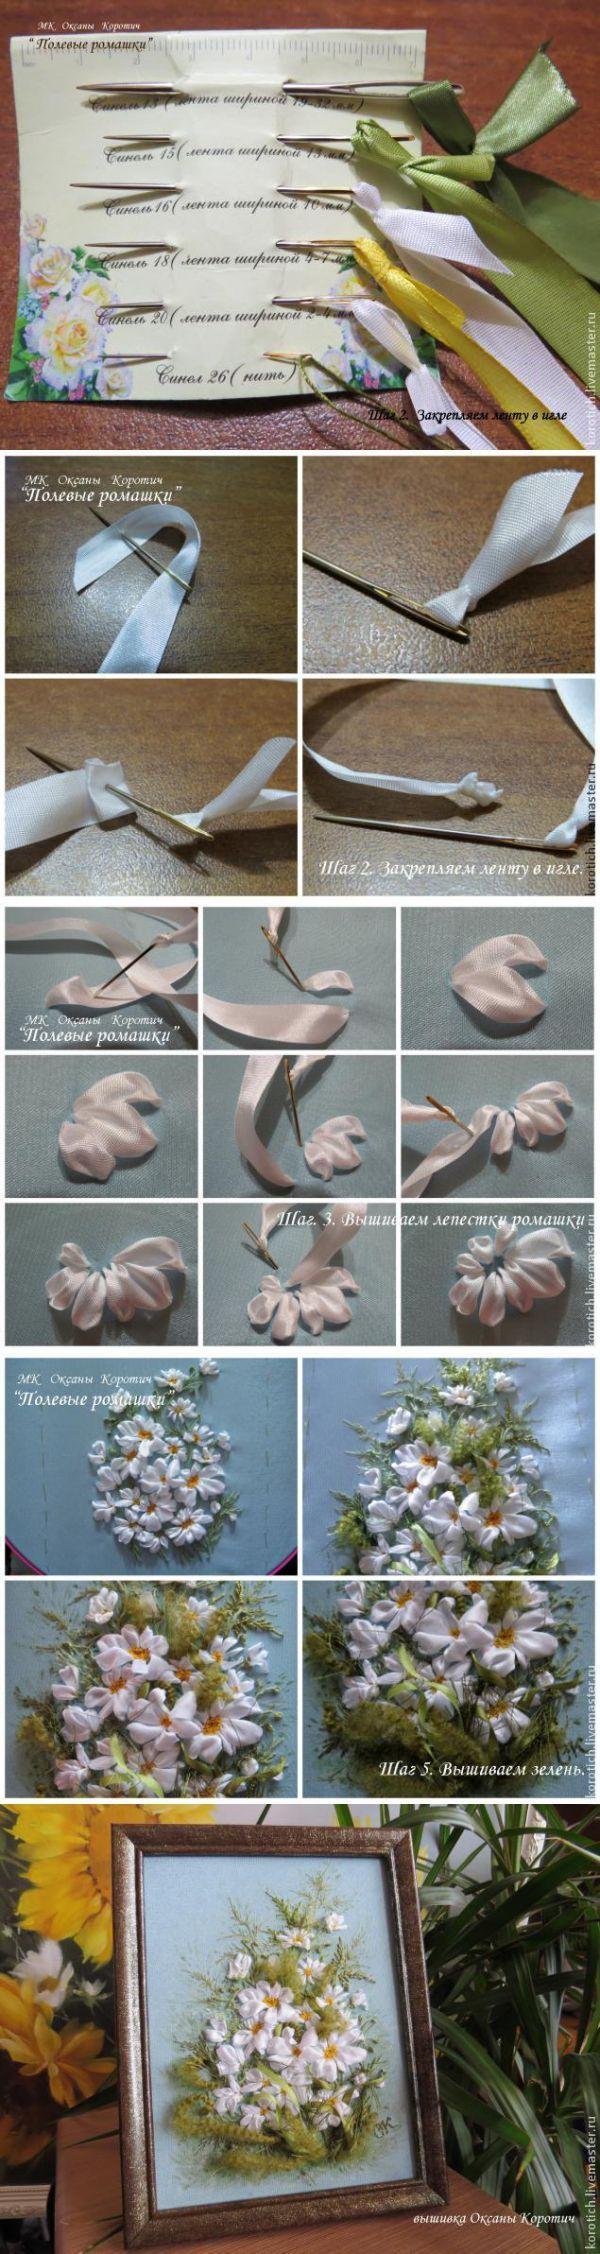 Вышивка лентами ,картина'Полевые ромашки' | Сделай сам!